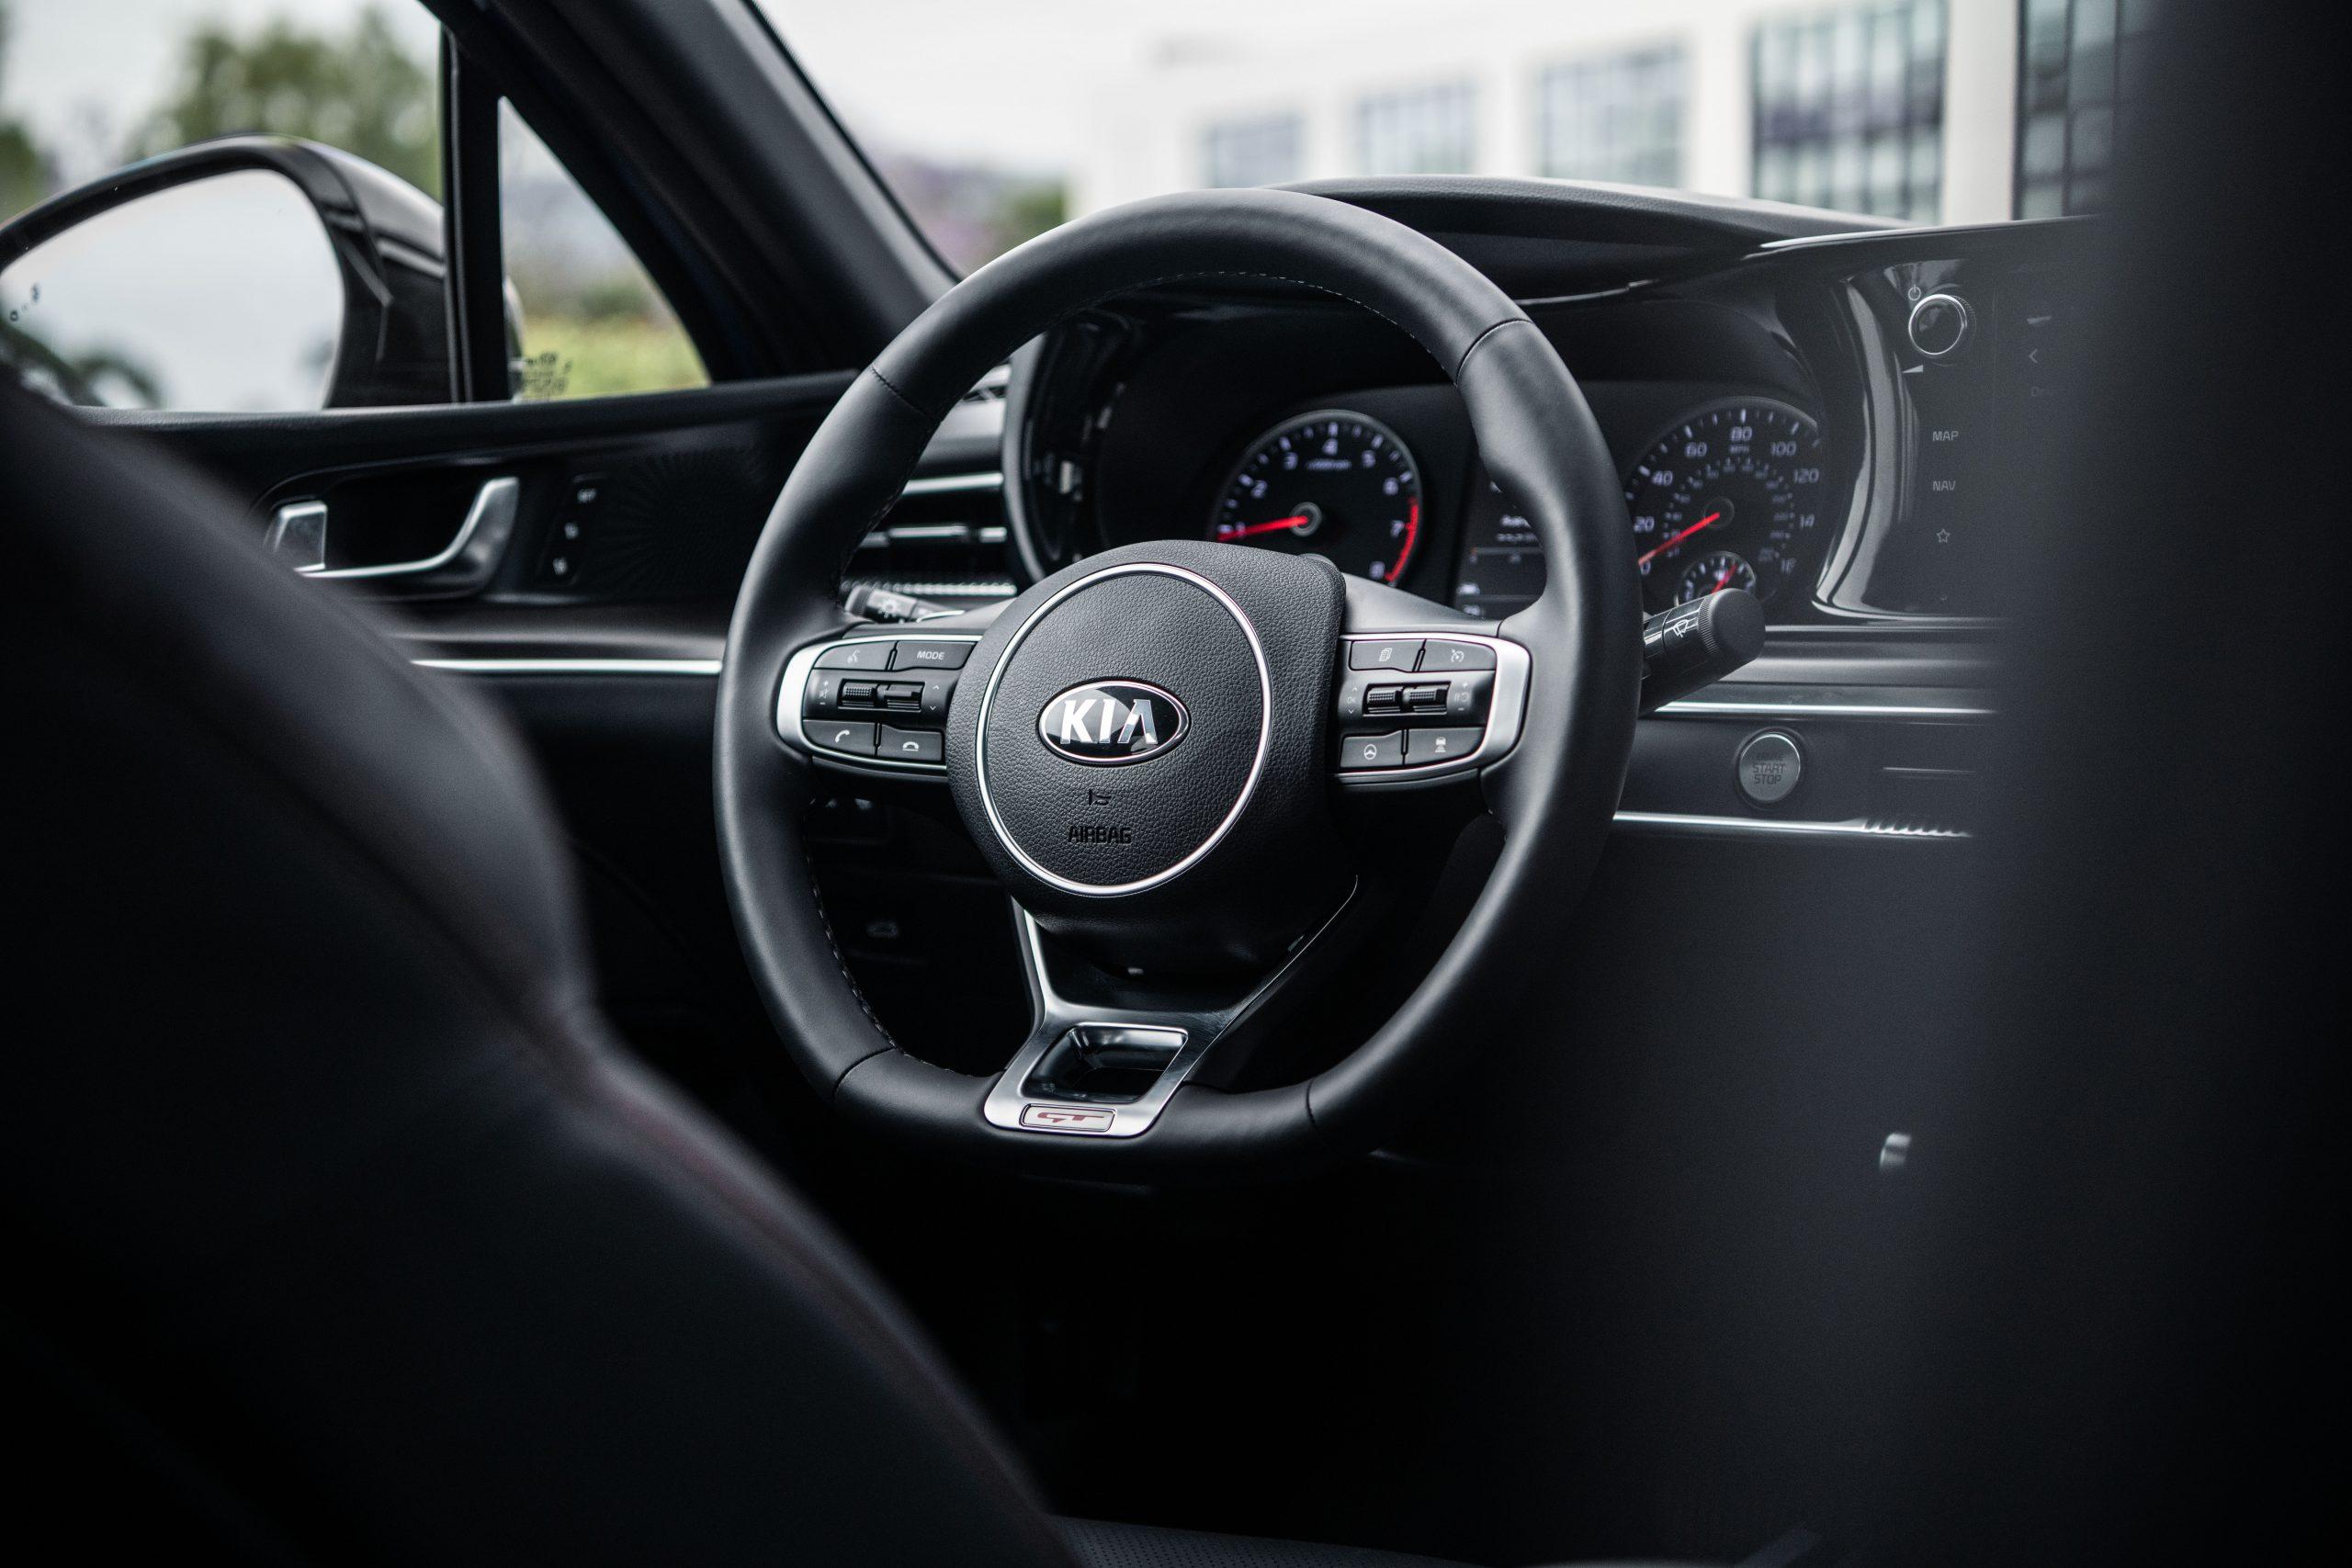 2021 K5 GT steering wheel